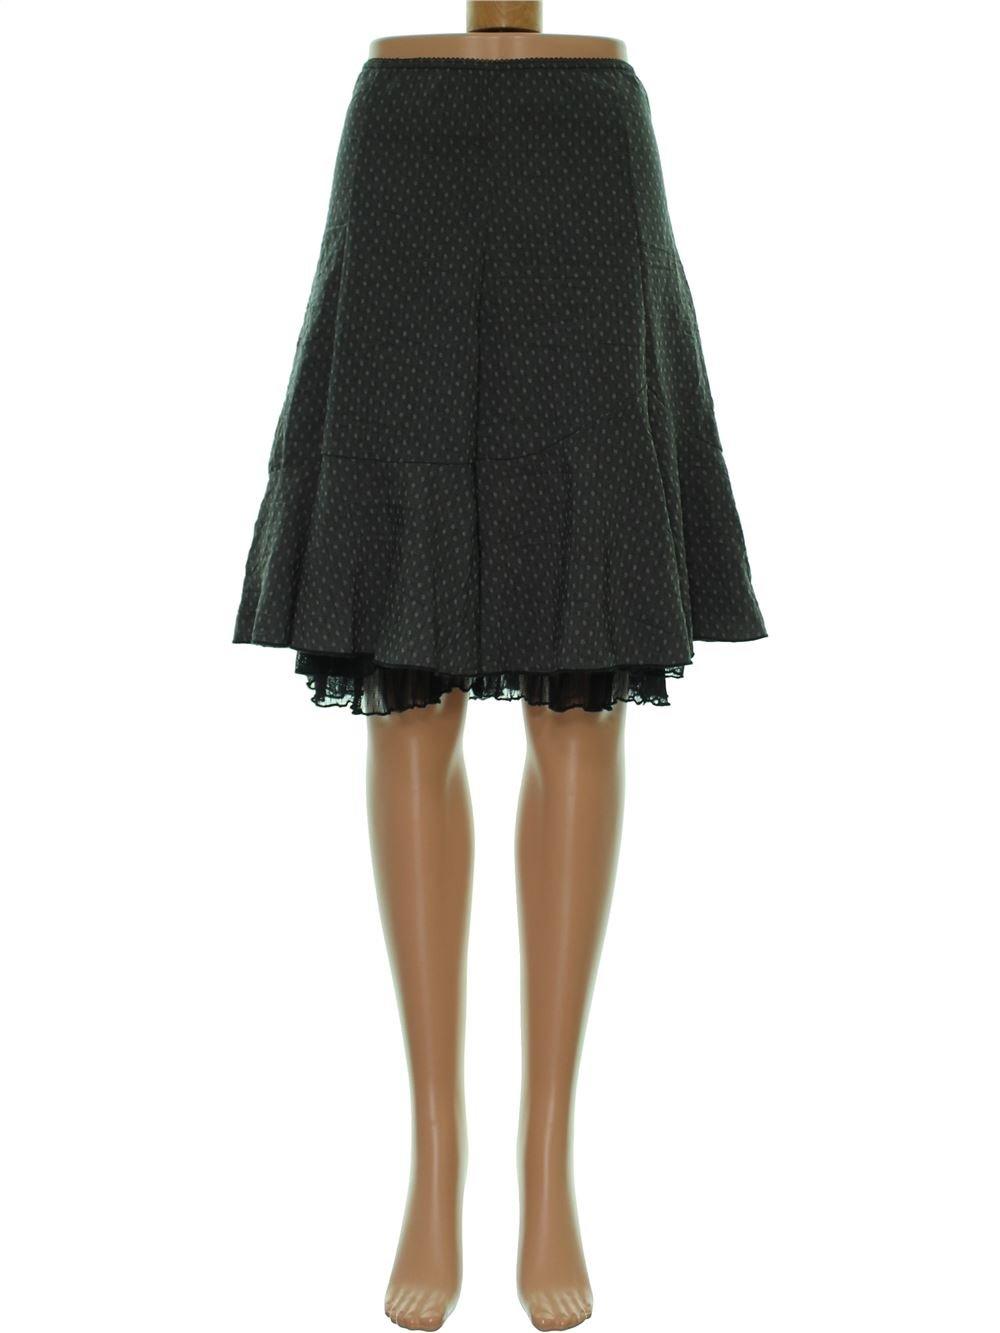 Jupe Femme ARMAND THIERY 40 (M T2) pas cher, 9.99 € #1278173